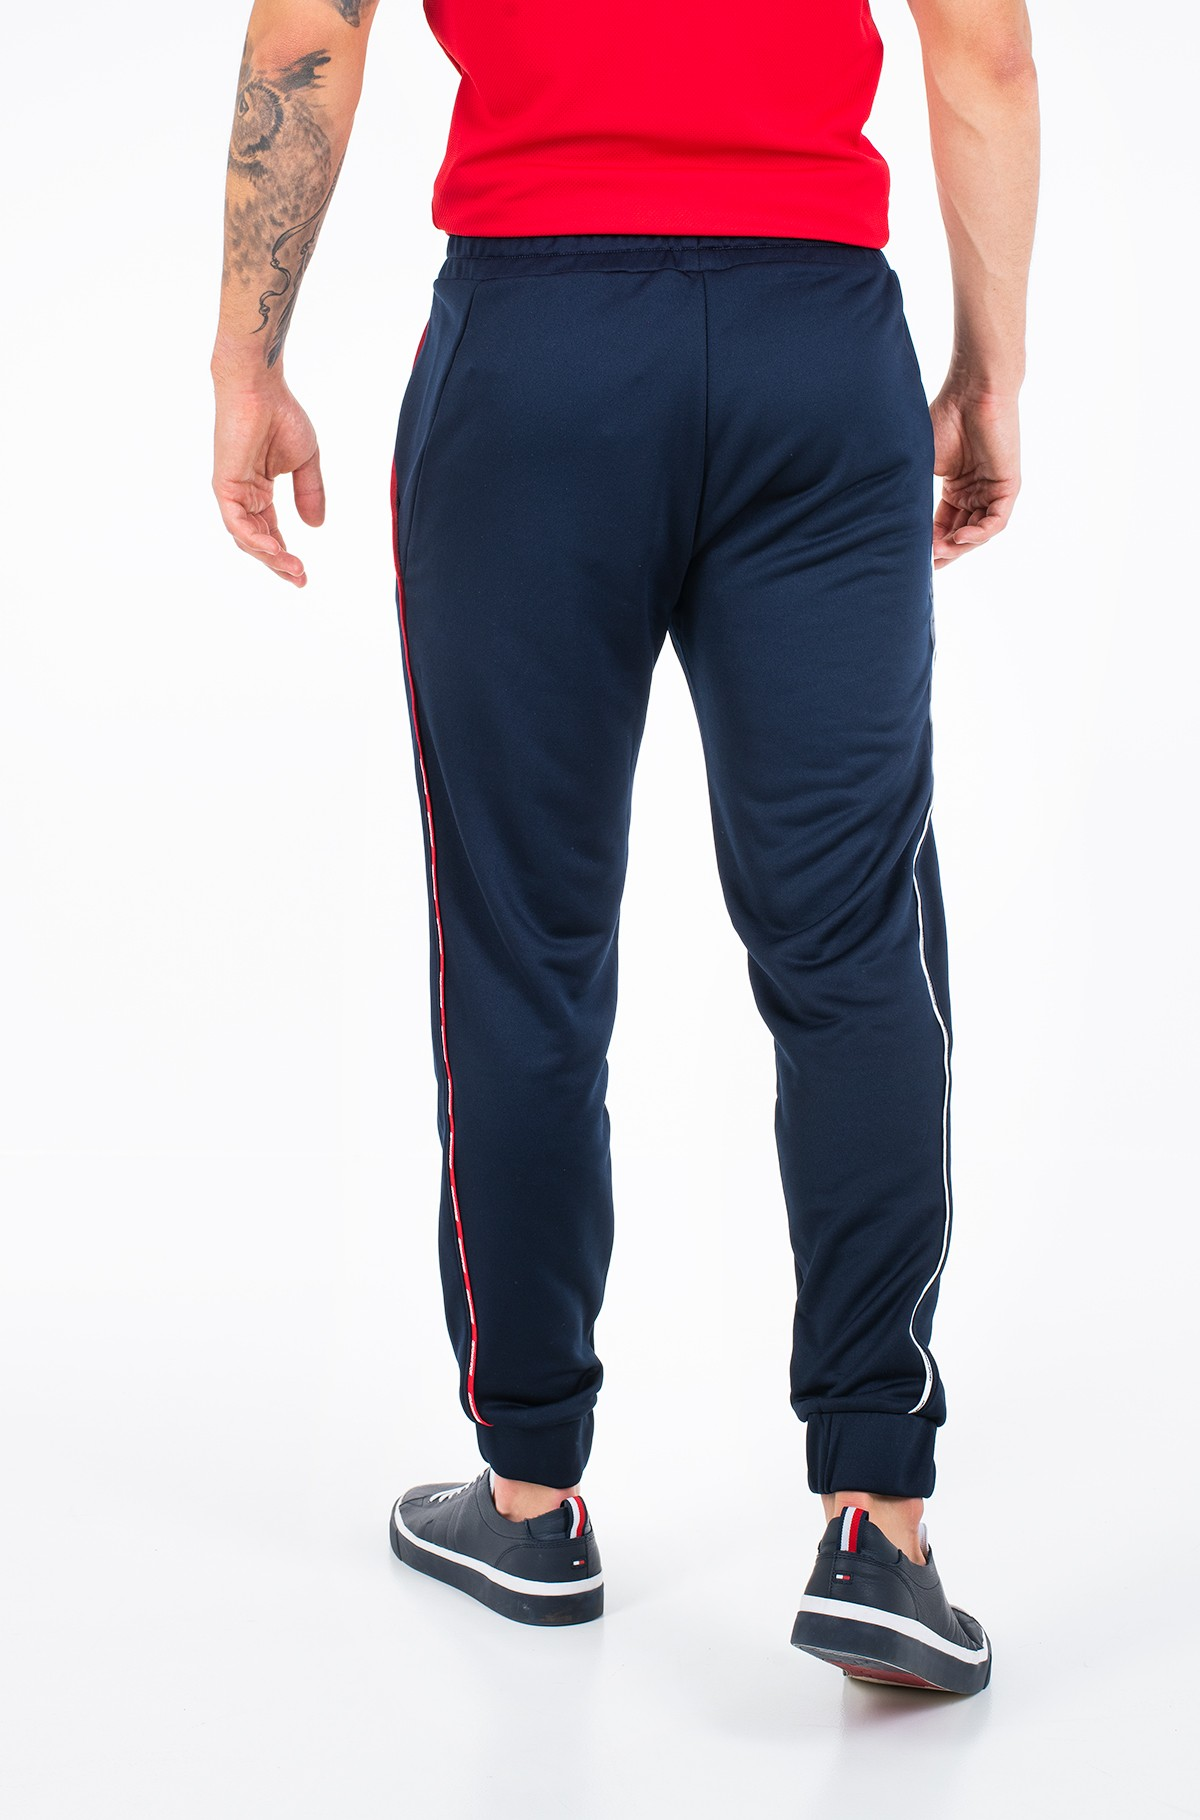 Sportinės kelnės PIPING TRACKSUIT CUFFED PANT-full-2